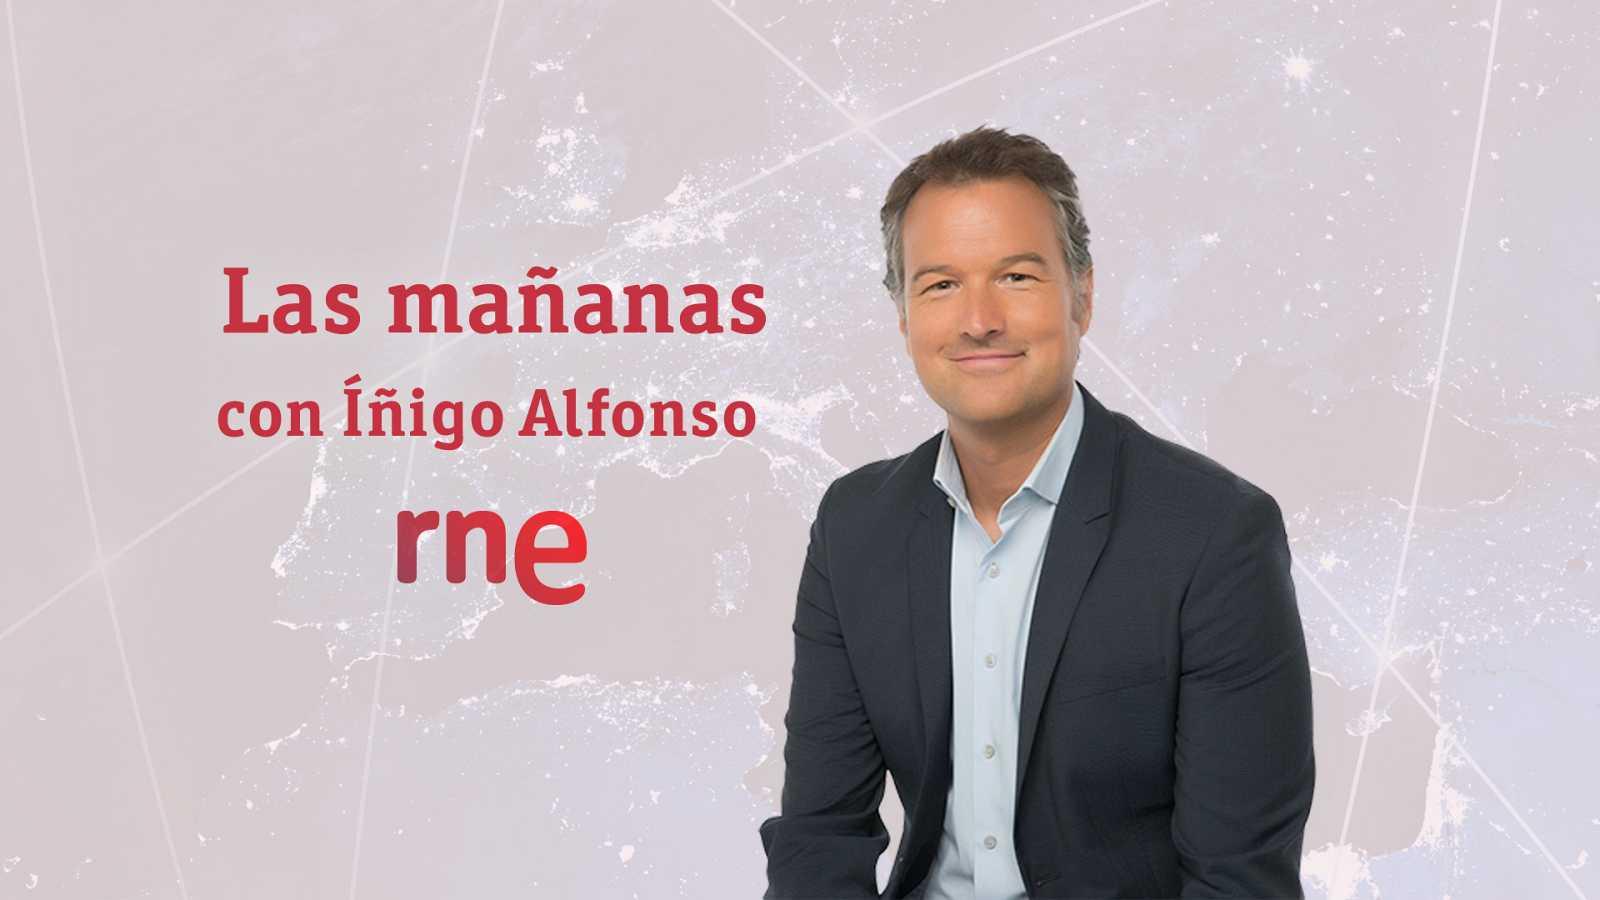 Las mañanas de RNE con Íñigo Alfonso - Segunda hora - 12/05/21 - escuchar ahora